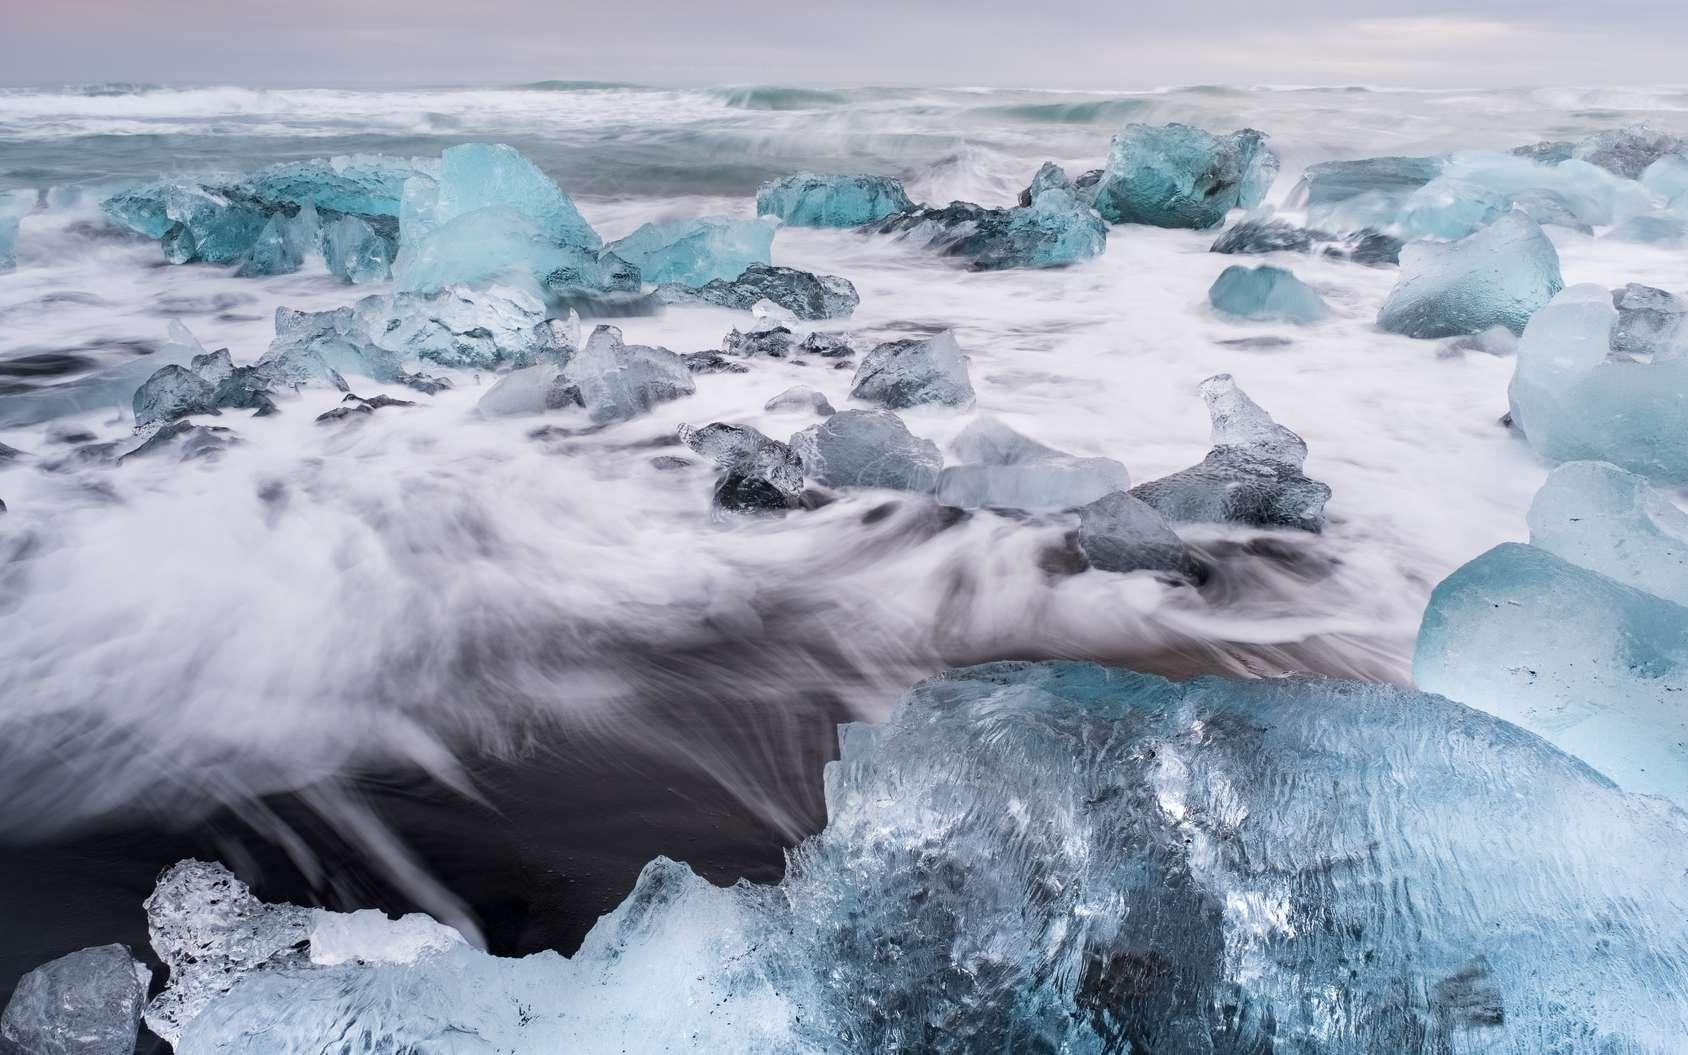 Les conclusions du prochain rapport spécial du Giec sur les océans et la cryosphère laissent entrevoir des impacts inquiétants, ne serait-ce que sur la population mondiale, en raison du réchauffement climatique et de la hausse du niveau des océans. © shocky, Fotolia